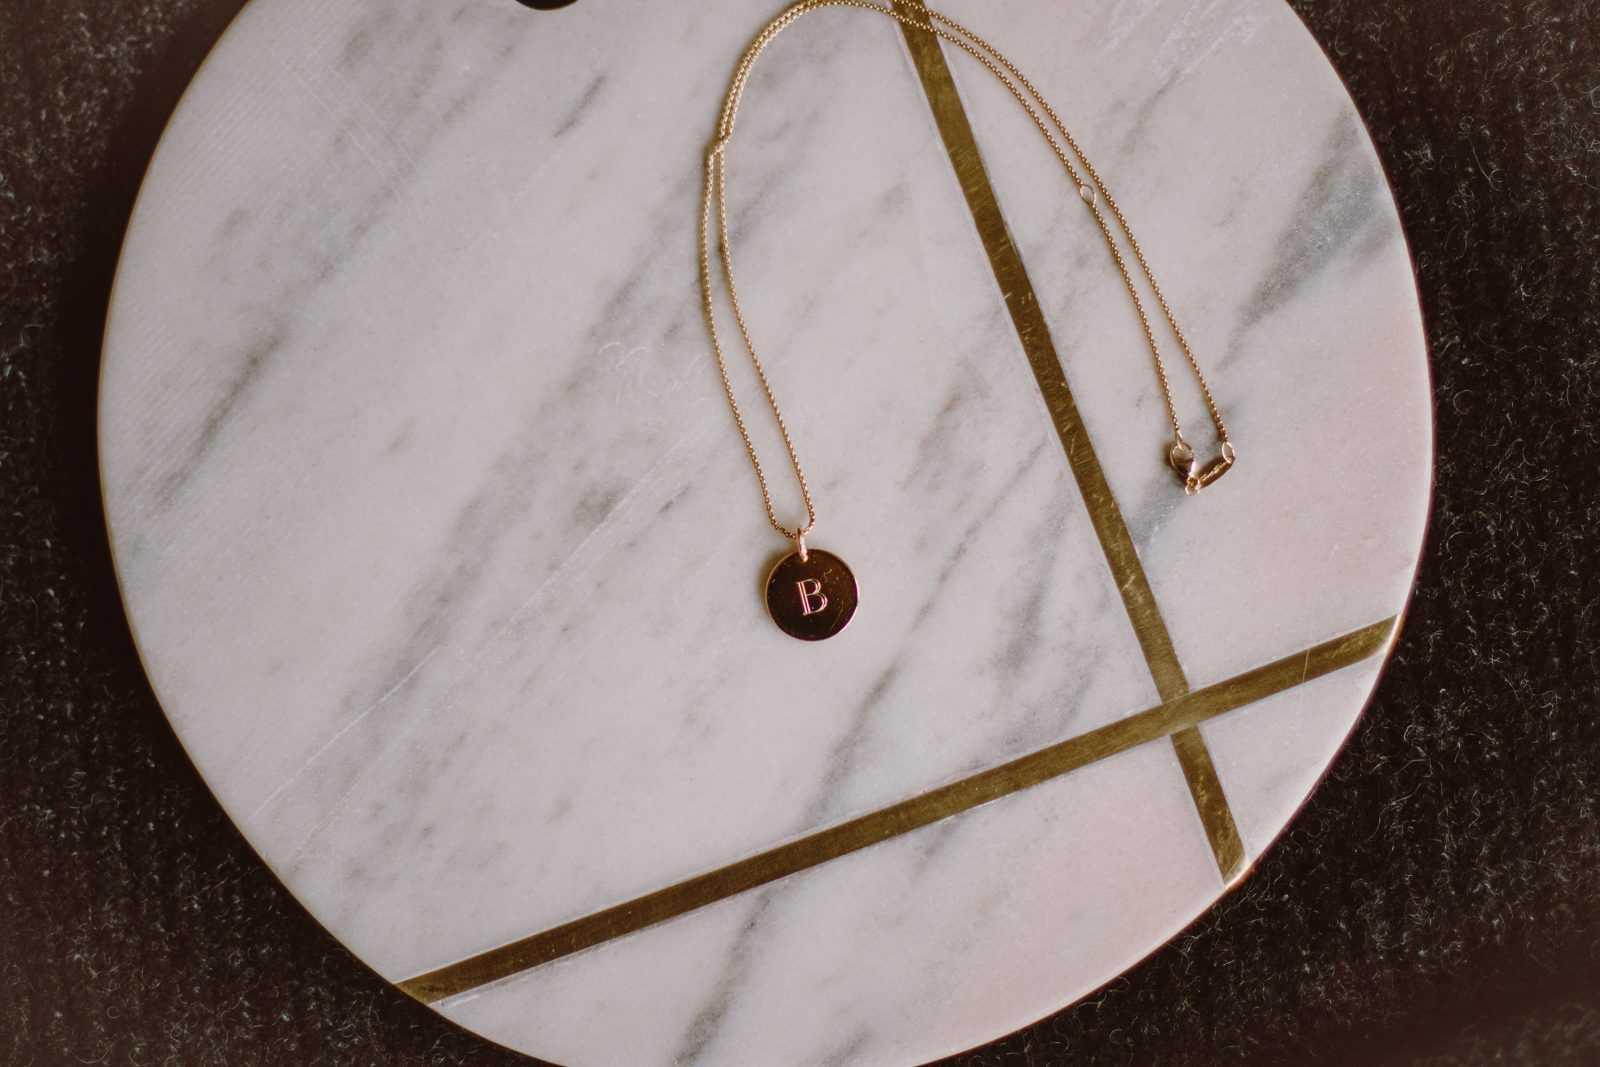 Thomas Sabo gravierter Schmuck Gravur Halskette Schmuckstücke Weihnachtsgeschenk Weihnachten gold Sariety Fashionblogger Modeblog Heidelberg_6